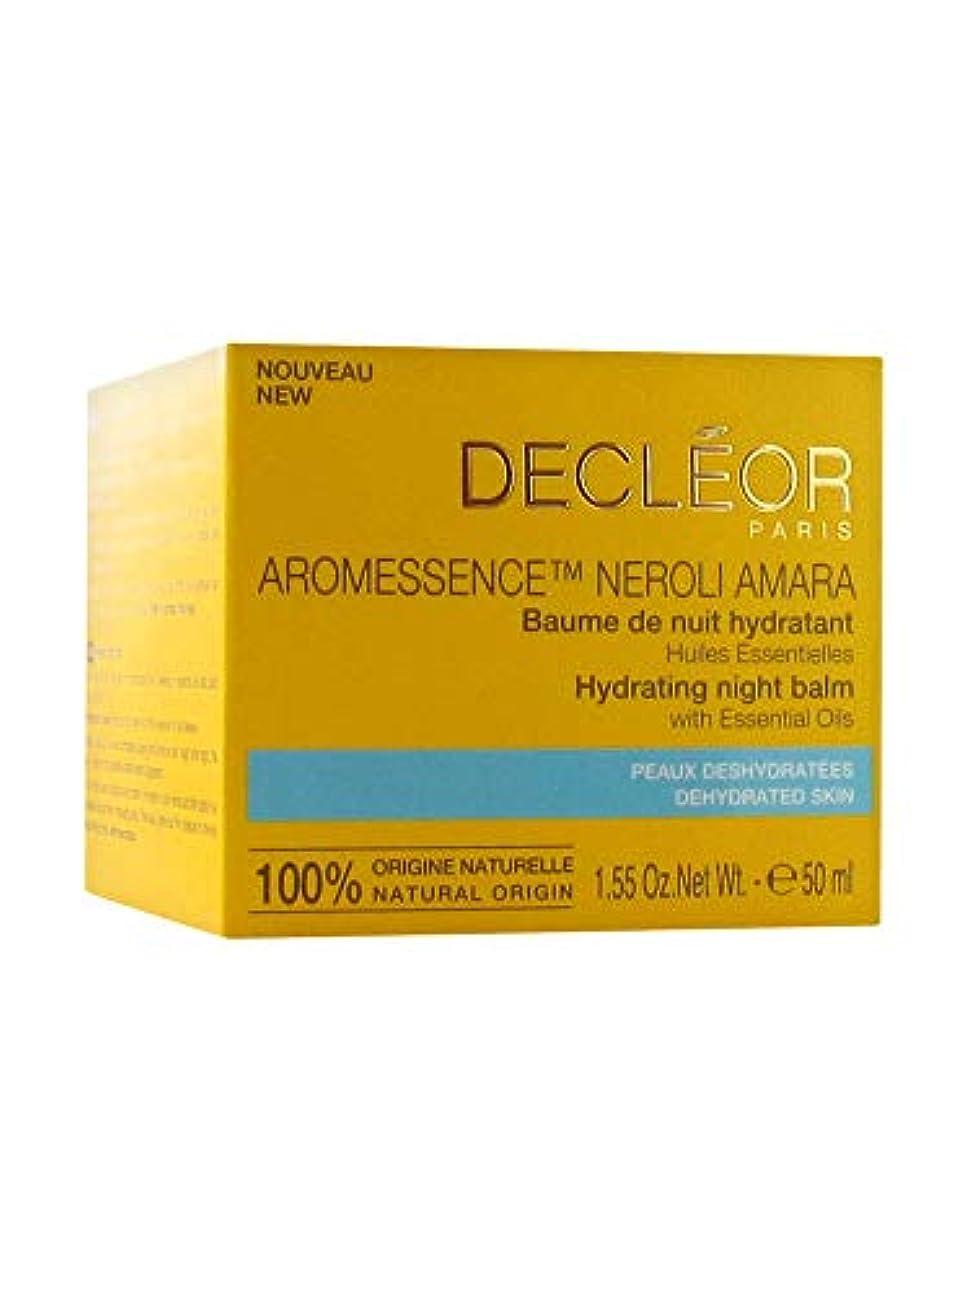 試験ポスター留め金デクレオール Aromessence Neroli Amara Hydrating Night Balm - For Dehydrated Skin 50ml/1.55oz並行輸入品